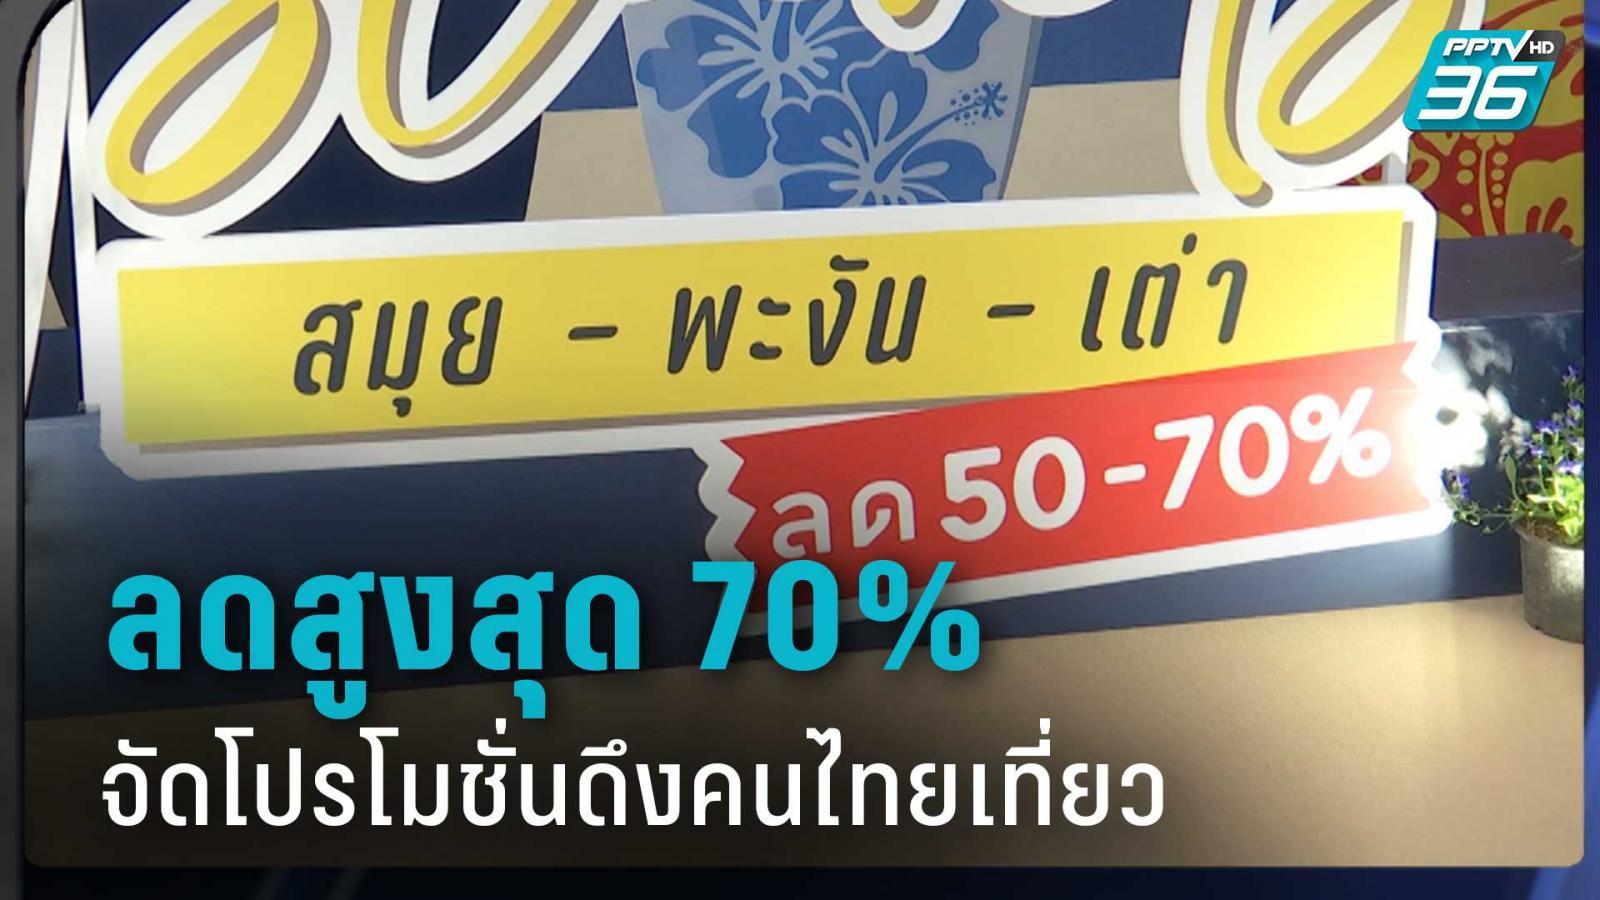 เกาะเต่า-สมุย-พะงัน  จัดโปรโมชั่นดึงคนไทยเที่ยว ลดสูงสุด 70%